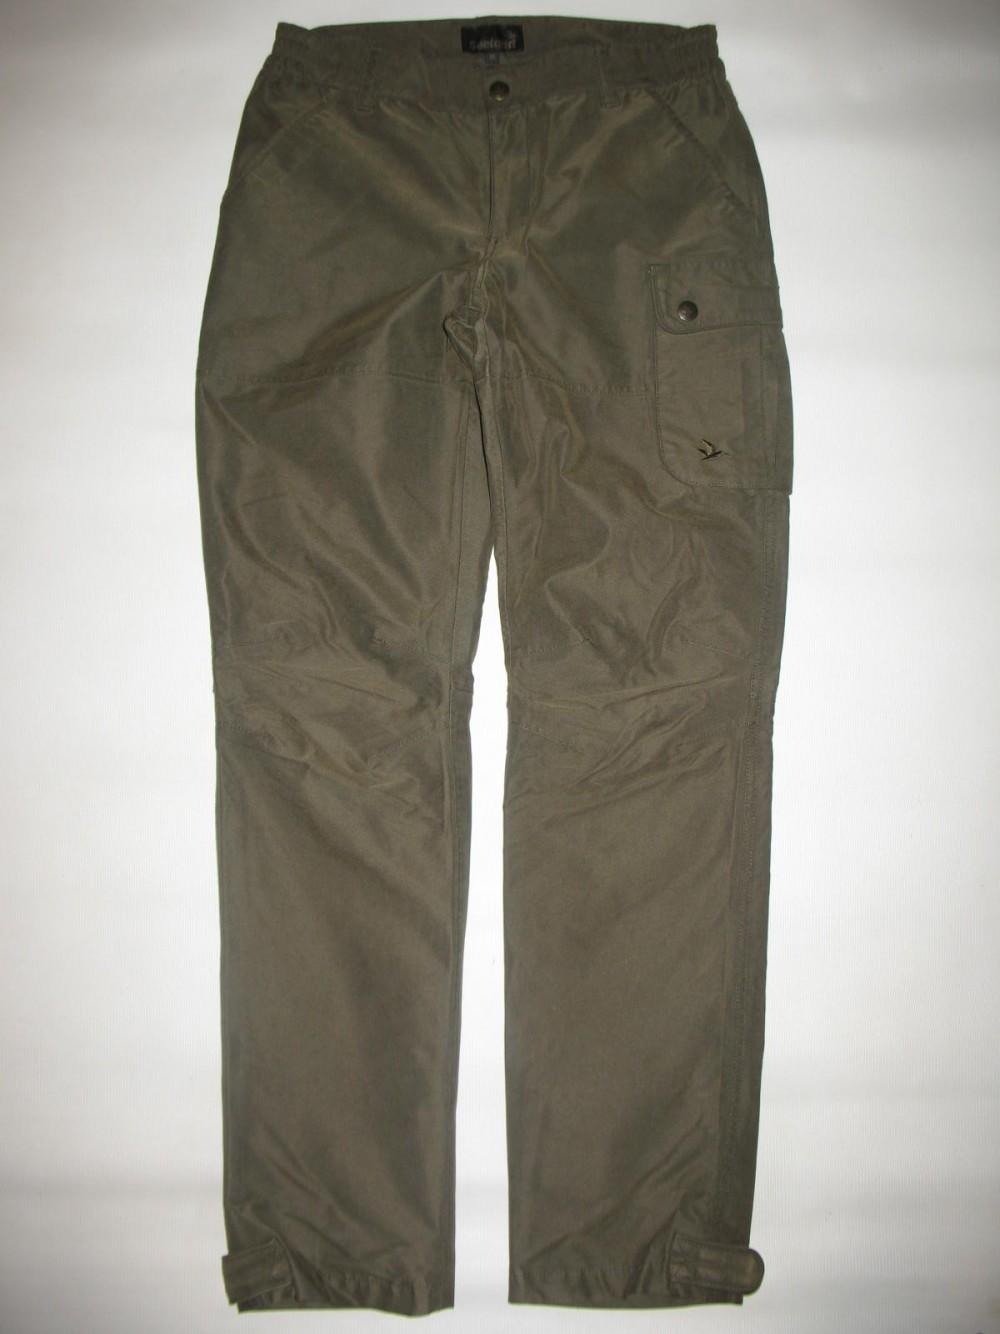 Штаны SEELAND woodcock kids pants (размер 16(взрослый S/XS) - 2